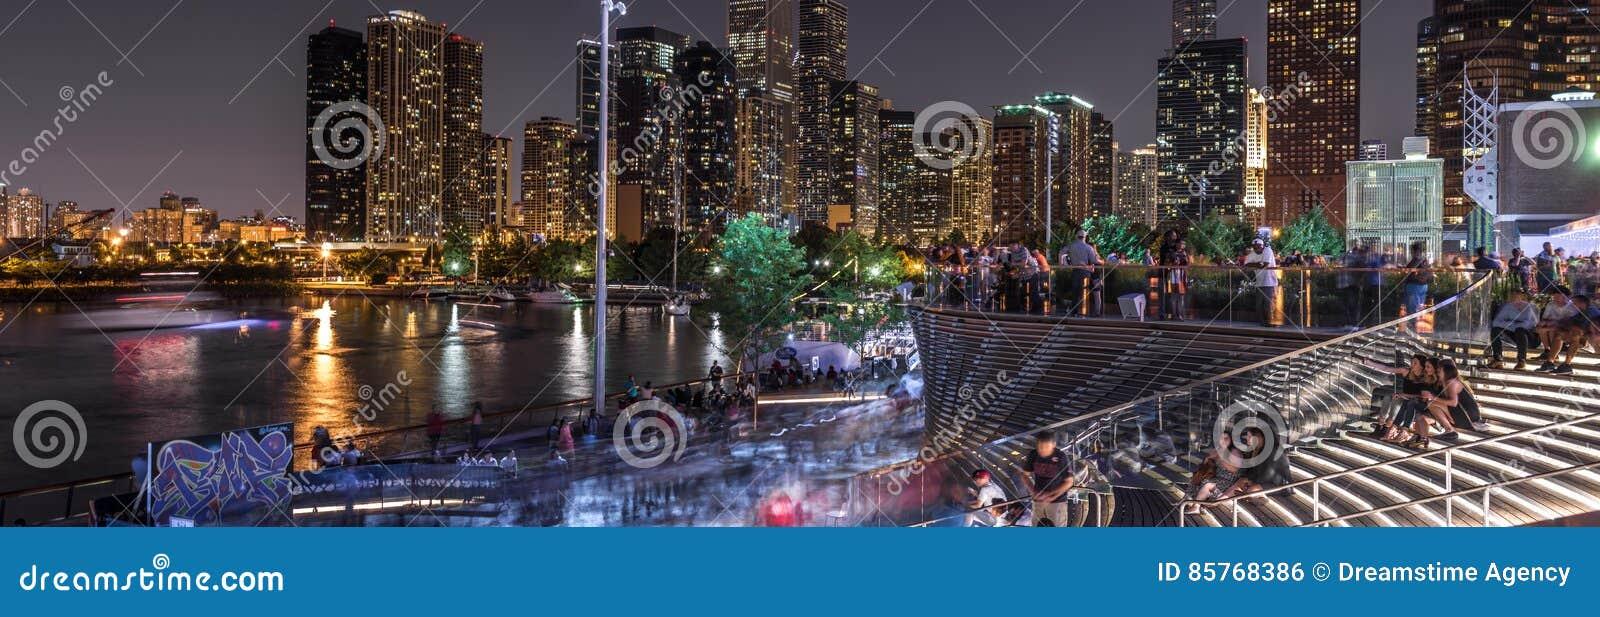 Muchedumbres en el embarcadero de la marina de guerra del ` s de Chicago